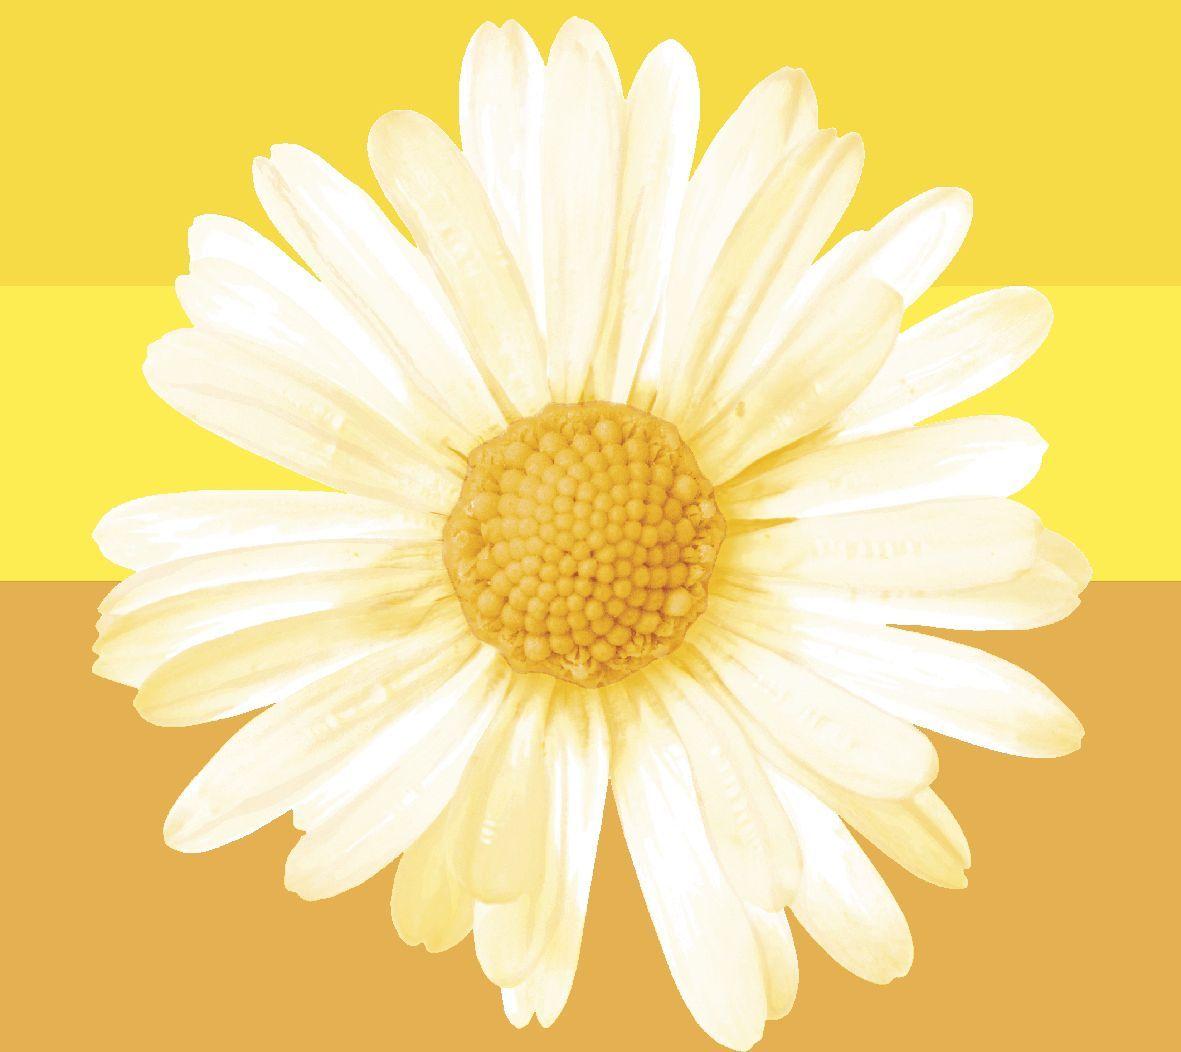 Салфетки бумажные Duni, 3-слойные, цвет: желтый, 33 х 33 см162722Трехслойные бумажные салфетки изготовлены из экологически чистого, высококачественного сырья - 100% целлюлозы. Салфетки выполнены в оригинальном и современном стиле, прекрасно сочетаются с любым интерьером и всегда будут прекрасным и незаменимым украшением стола.